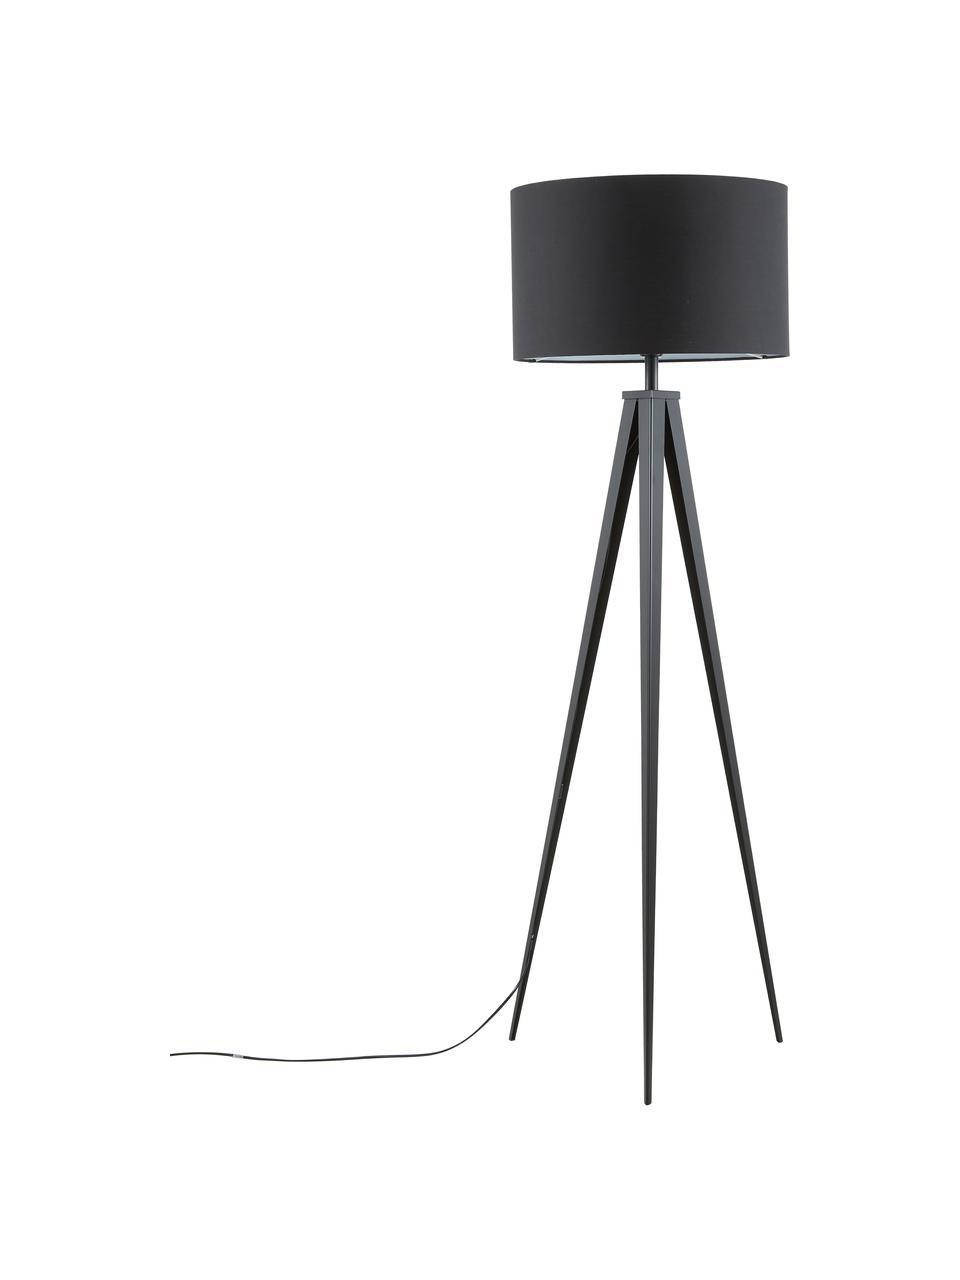 Moderne Tripod vloerlamp Jake met metalen voet, Lampenkap: katoenmix, Lampvoet: gepoedercoat metaal, Lampenkap: zwart. Lampvoet: mat zwart, Ø 50 x H 154 cm